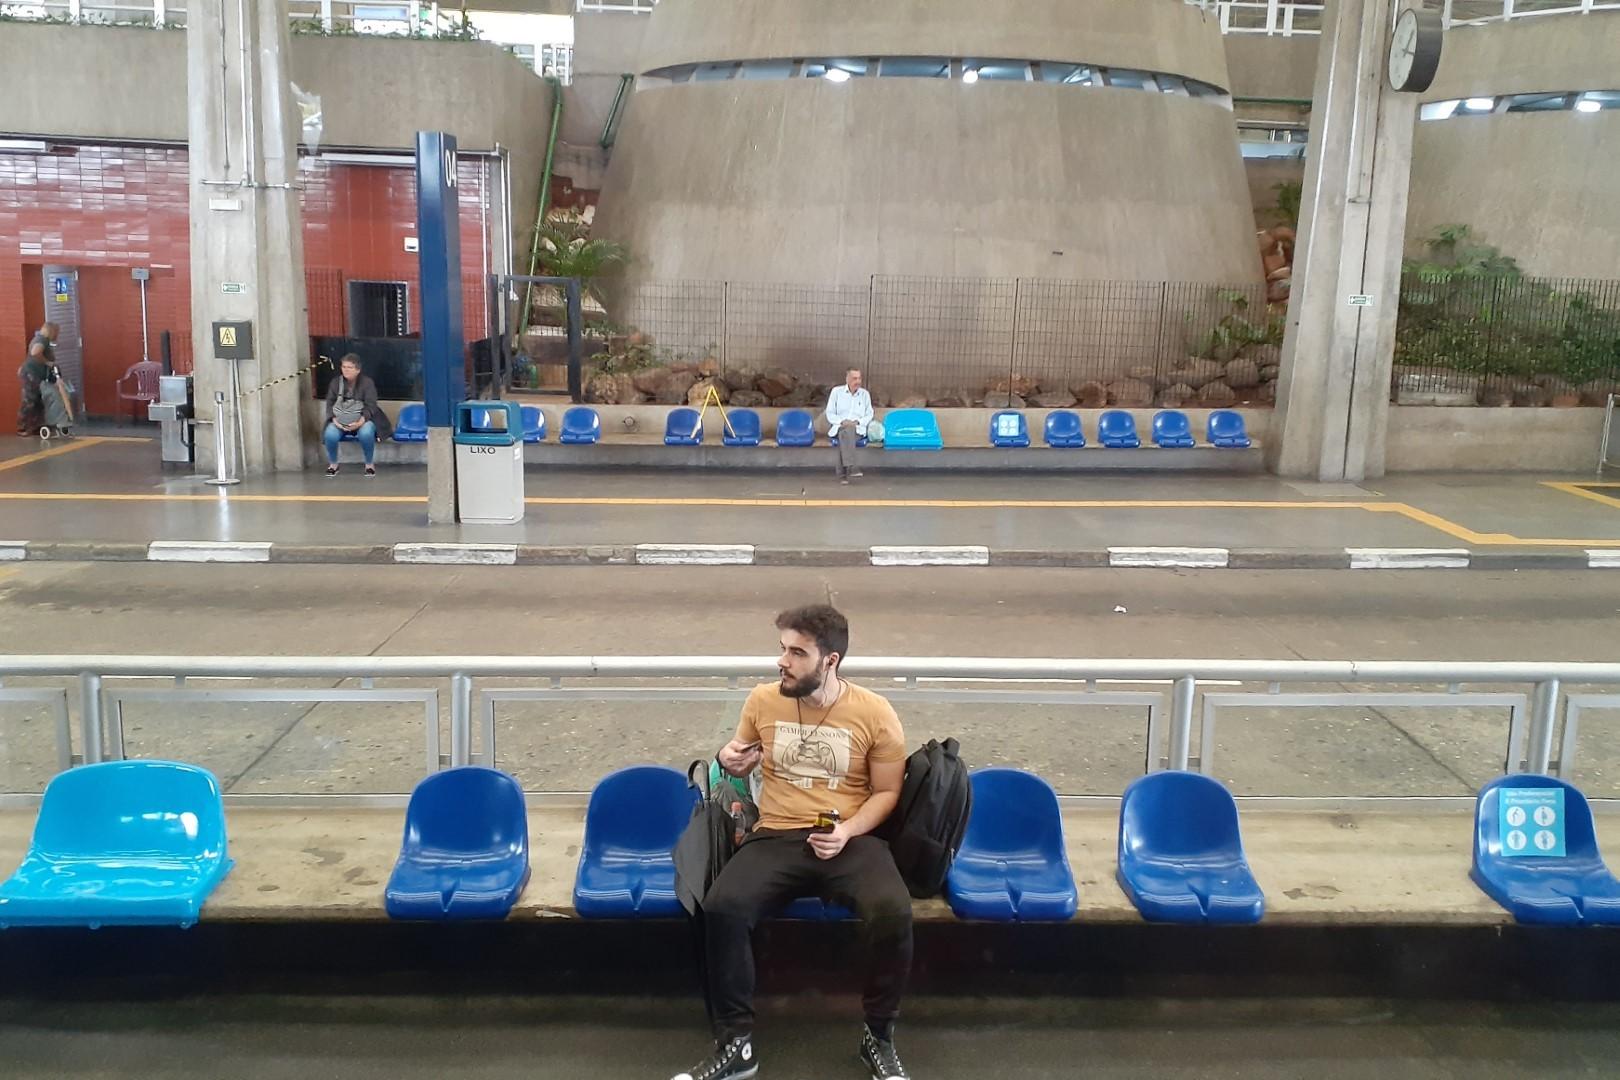 Terminal Jabaquara, São Paulo